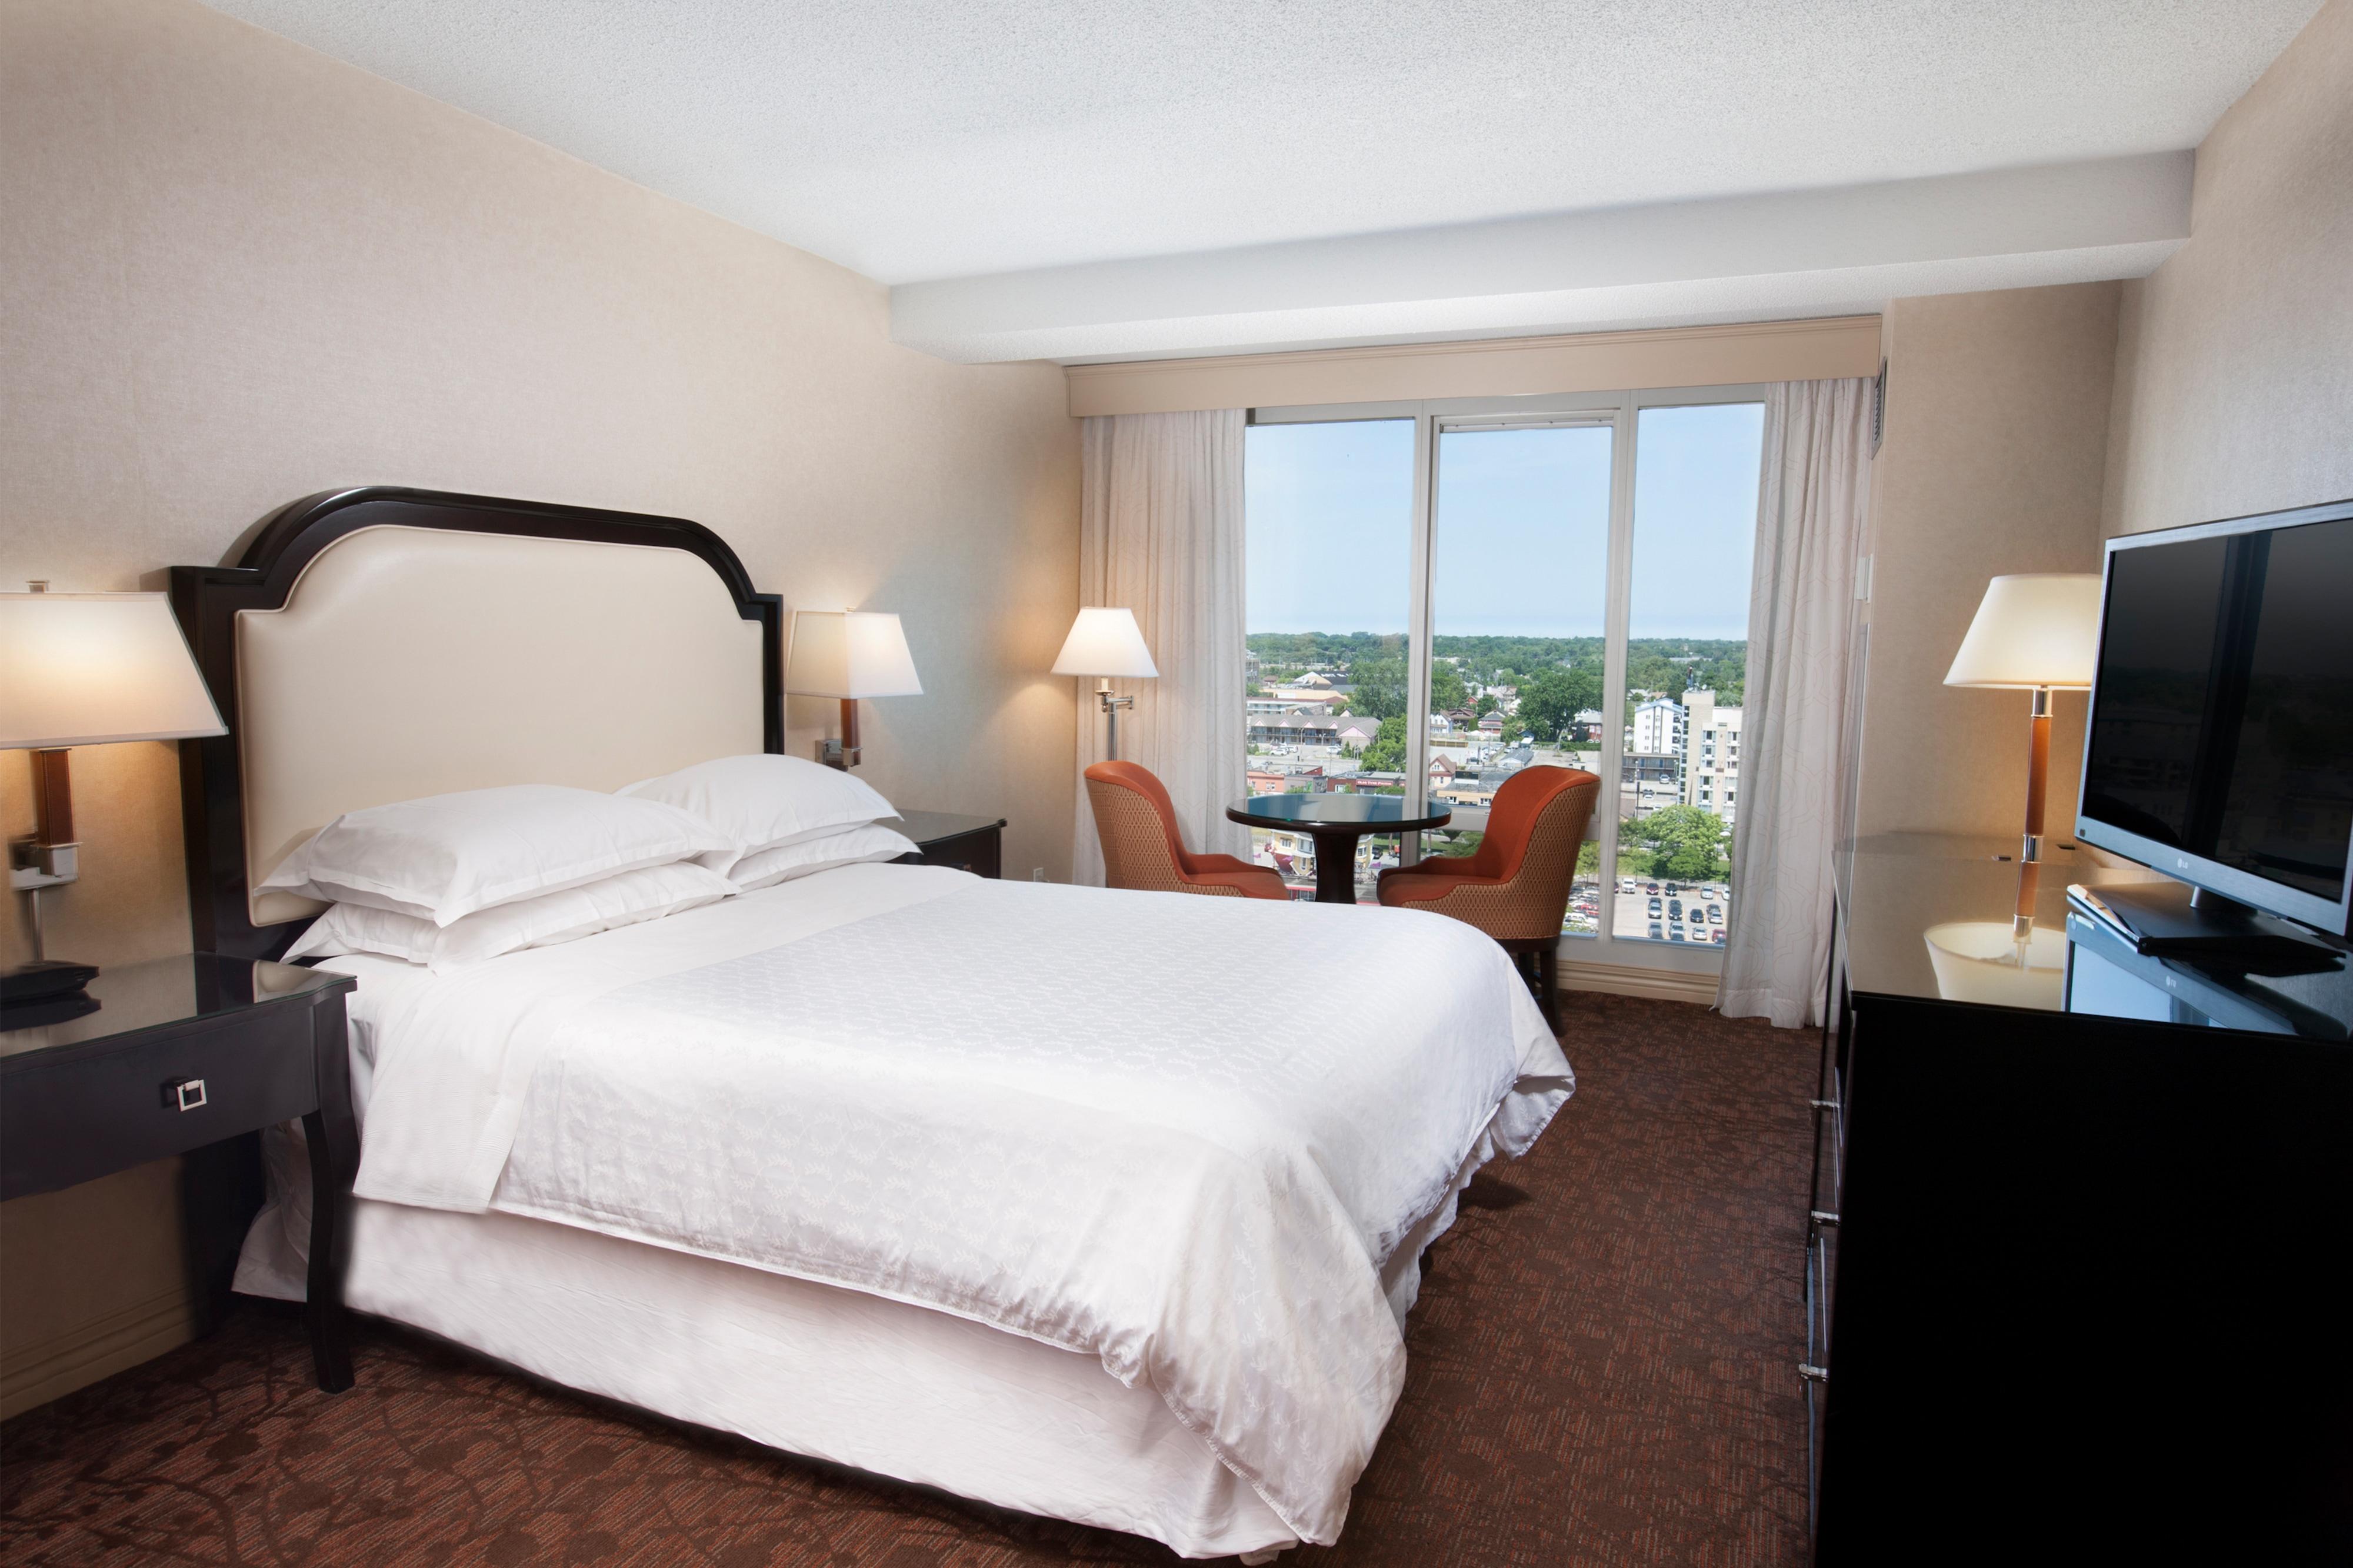 Номер для гостей с ограниченными возможностями с двуспальной кроватью (King)